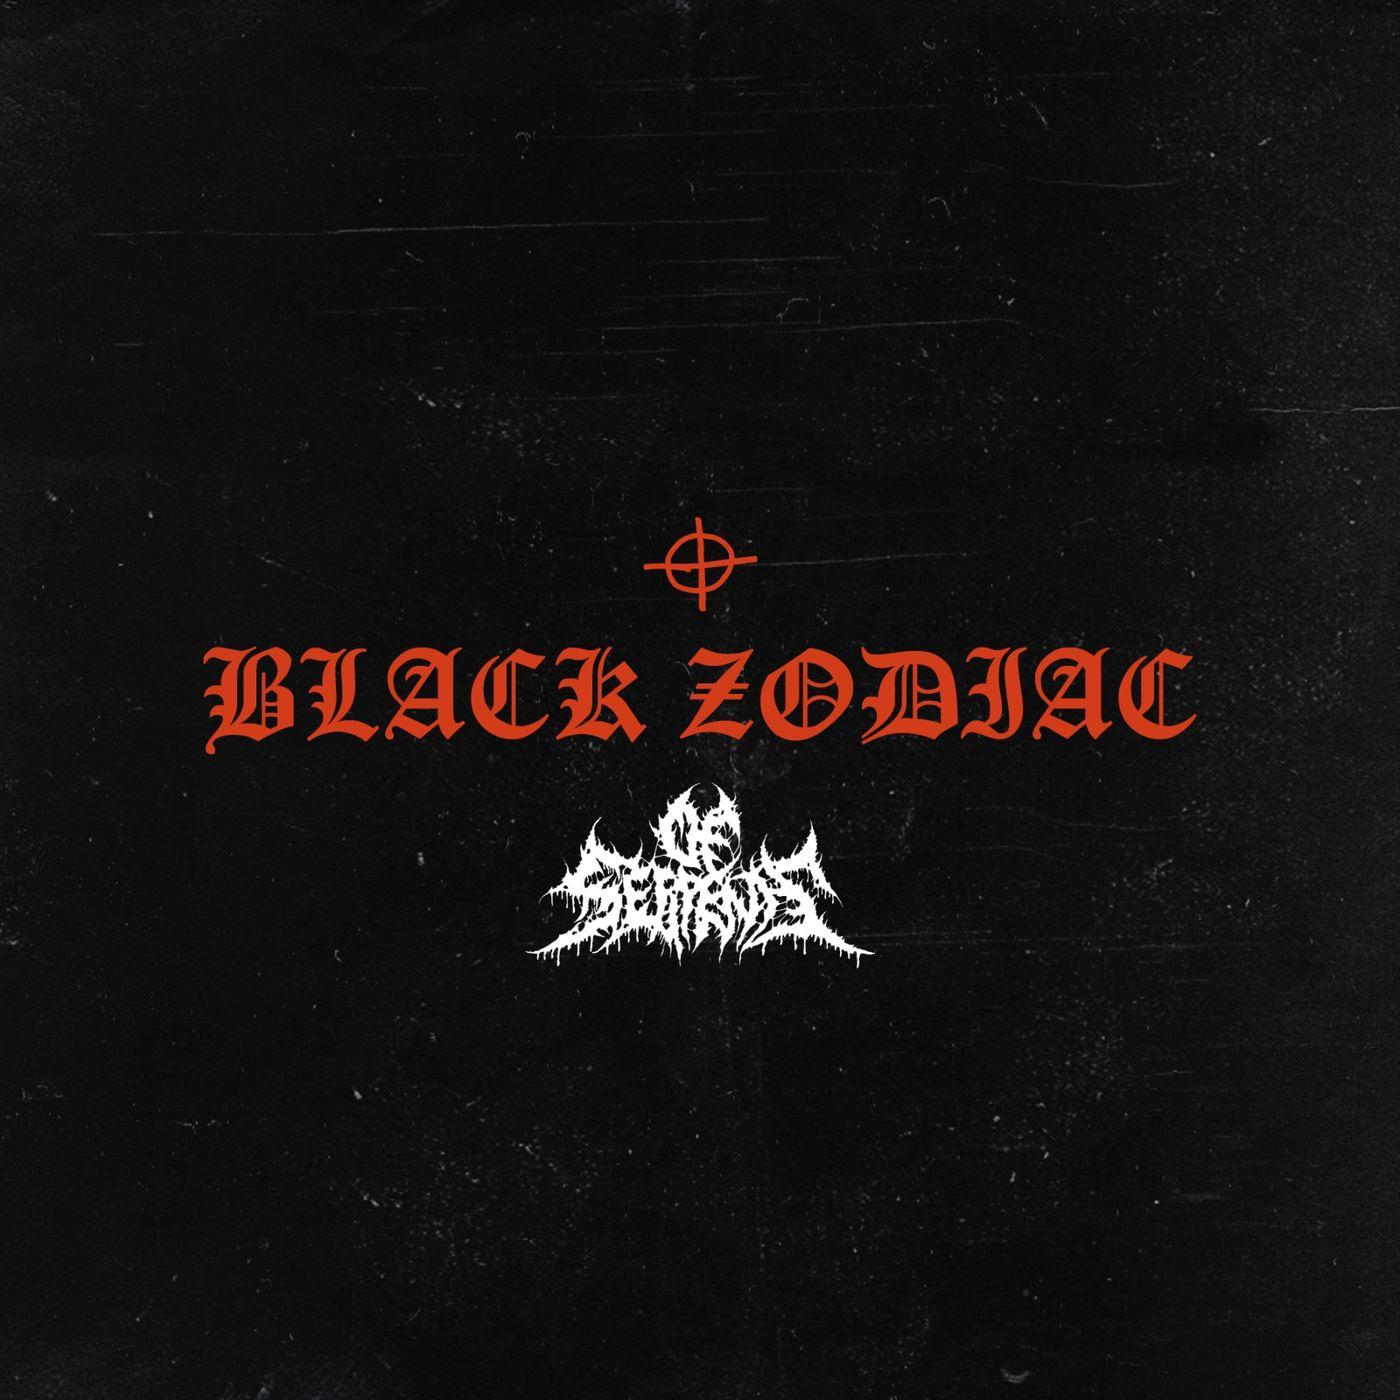 Of Serpents - Black Zodiac [single] (2020)